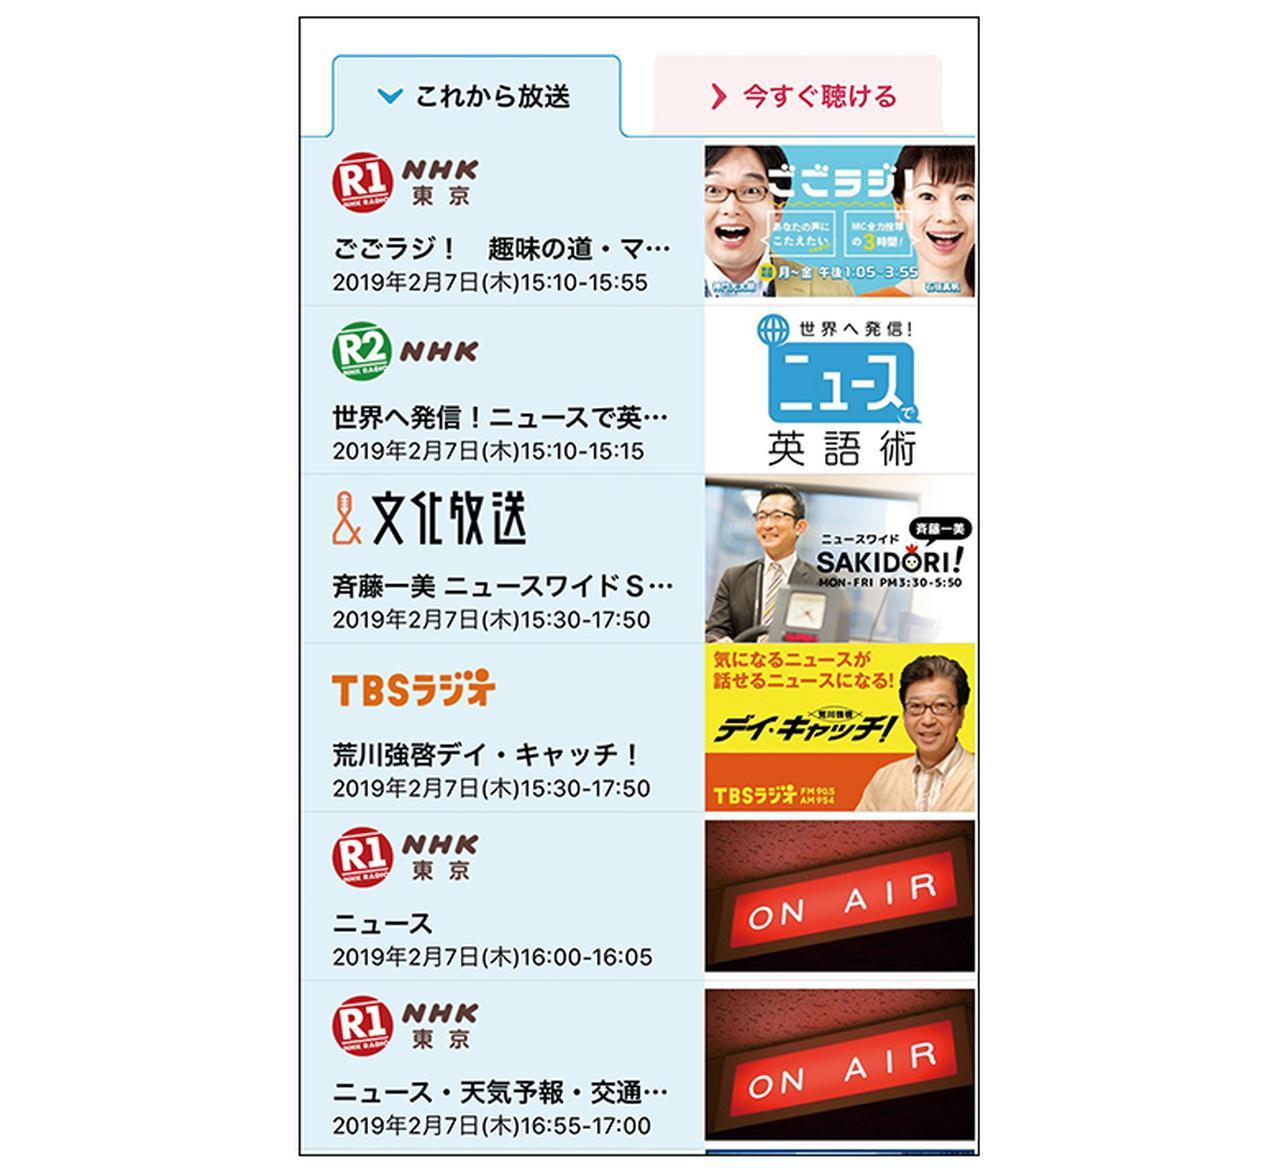 画像: radiko.jp